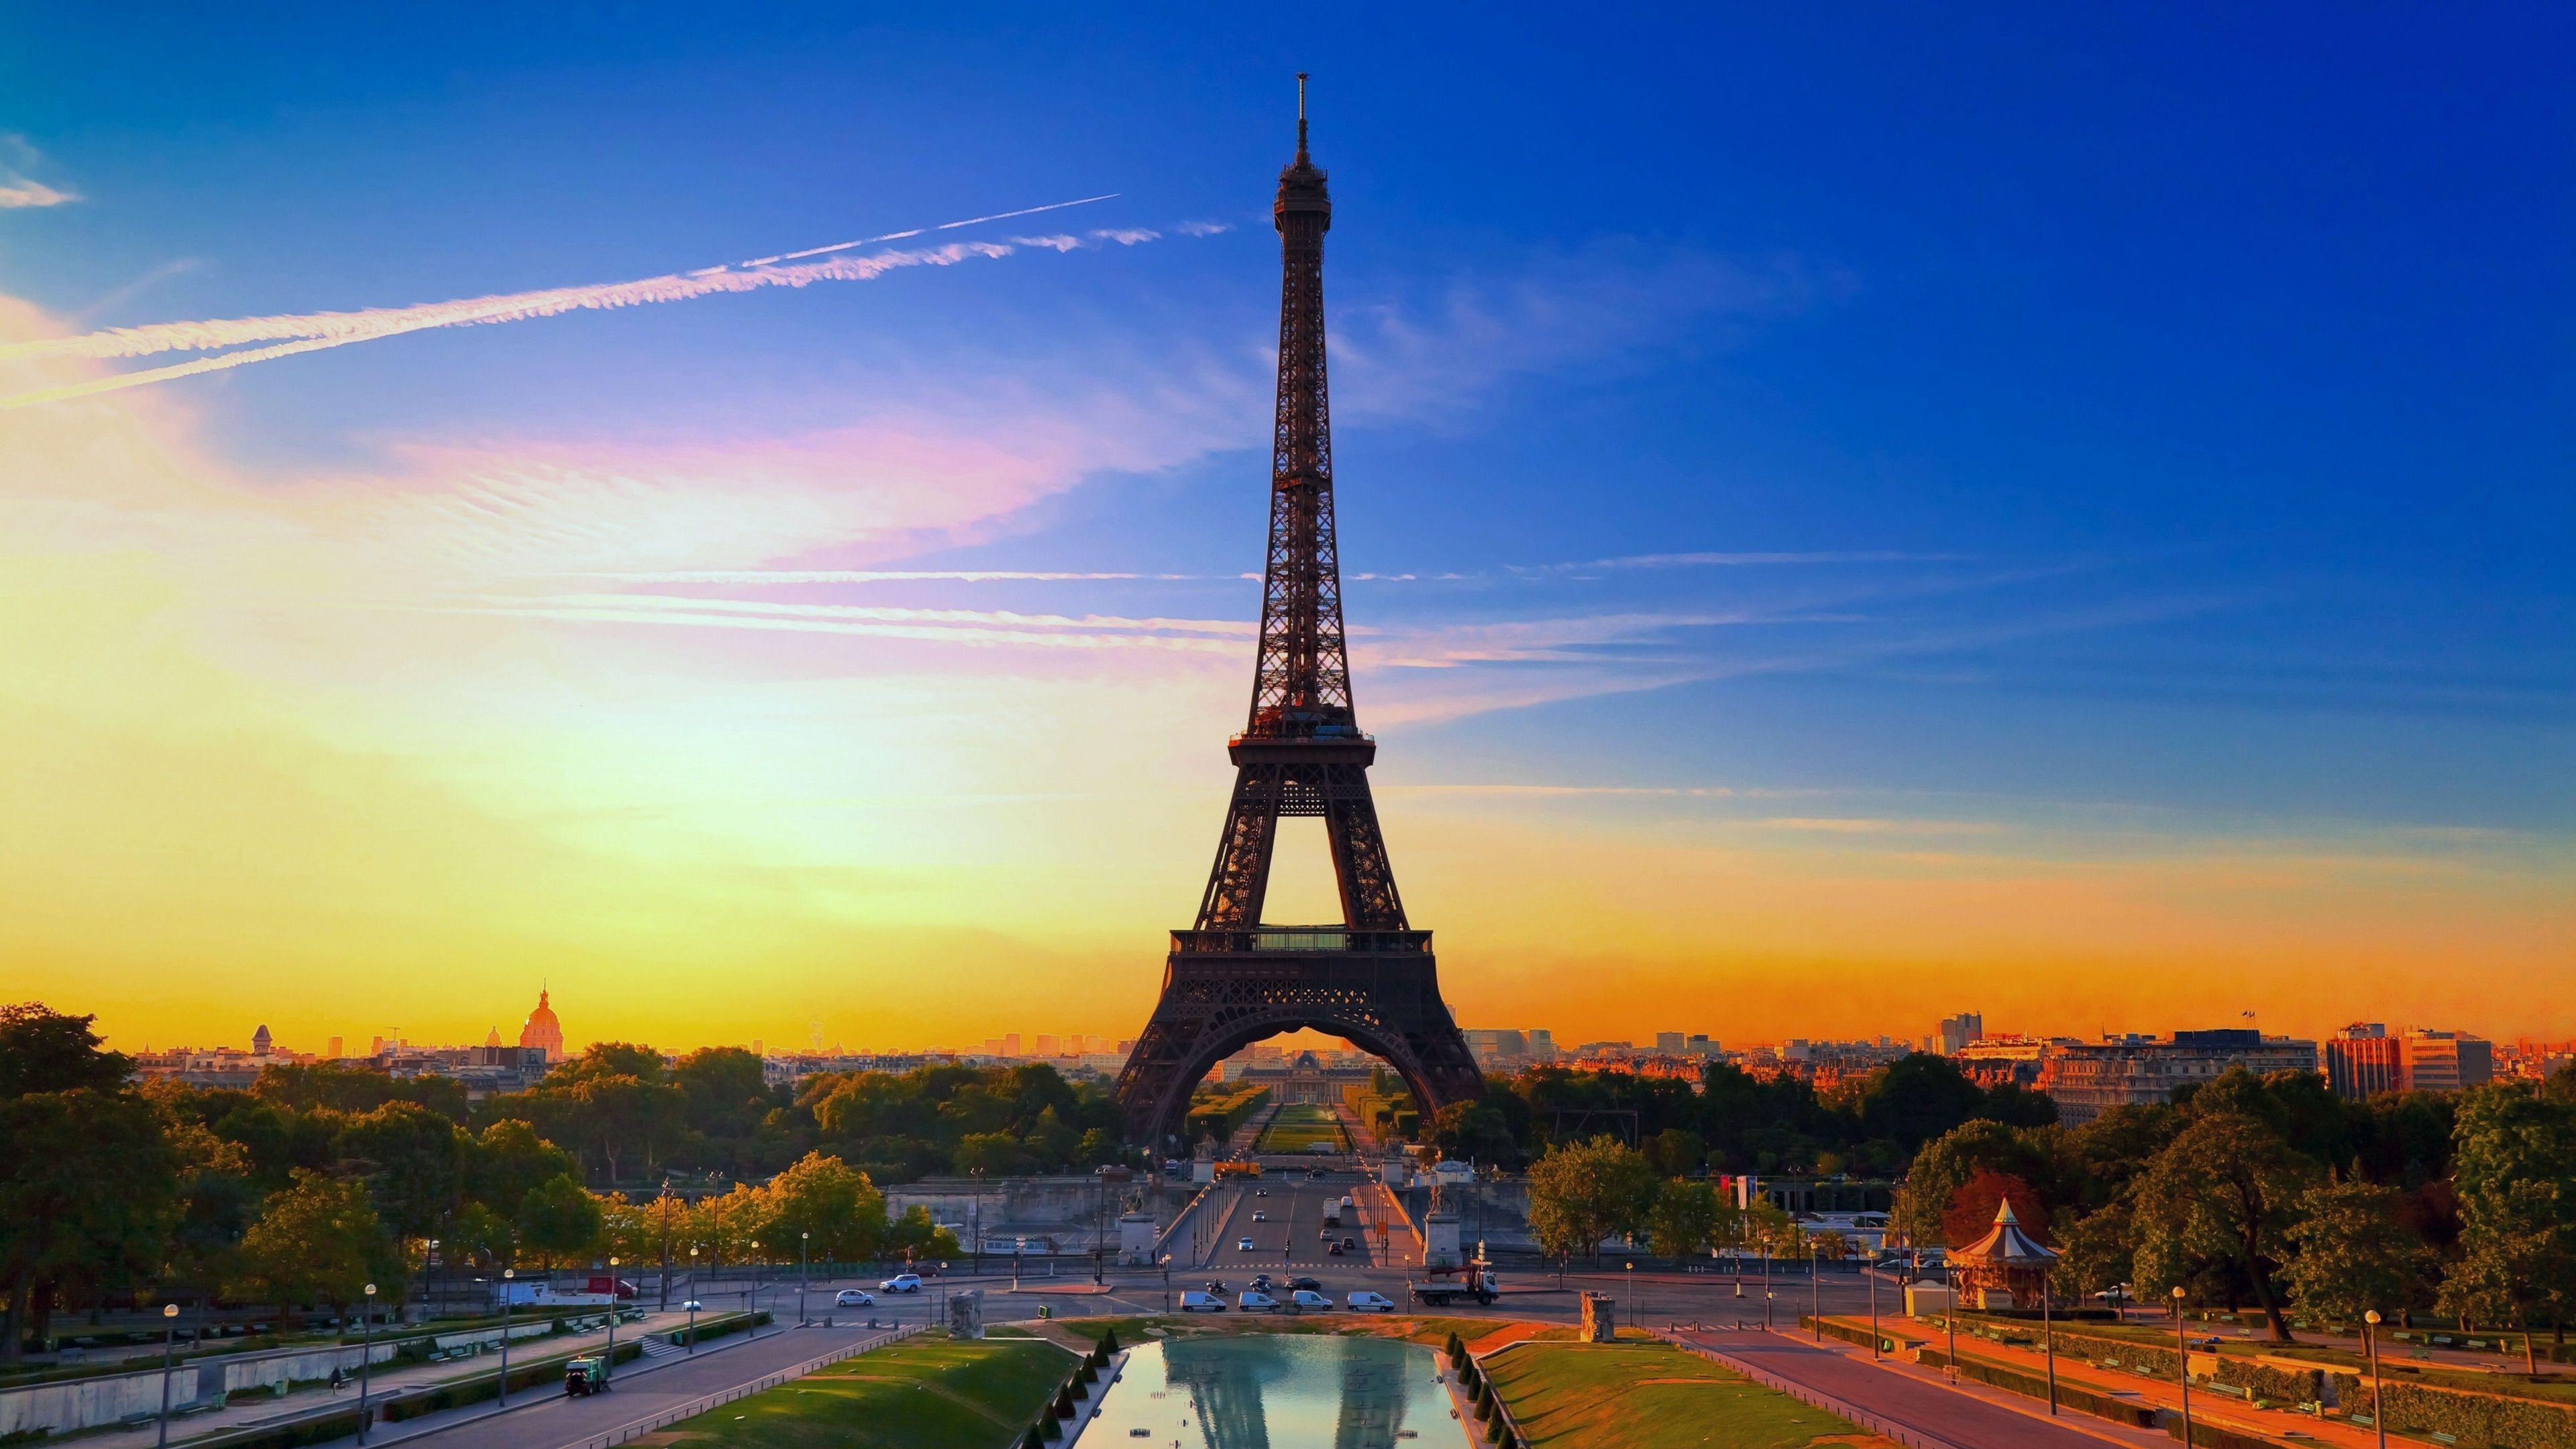 Hình nền phong cảnh nước Pháp